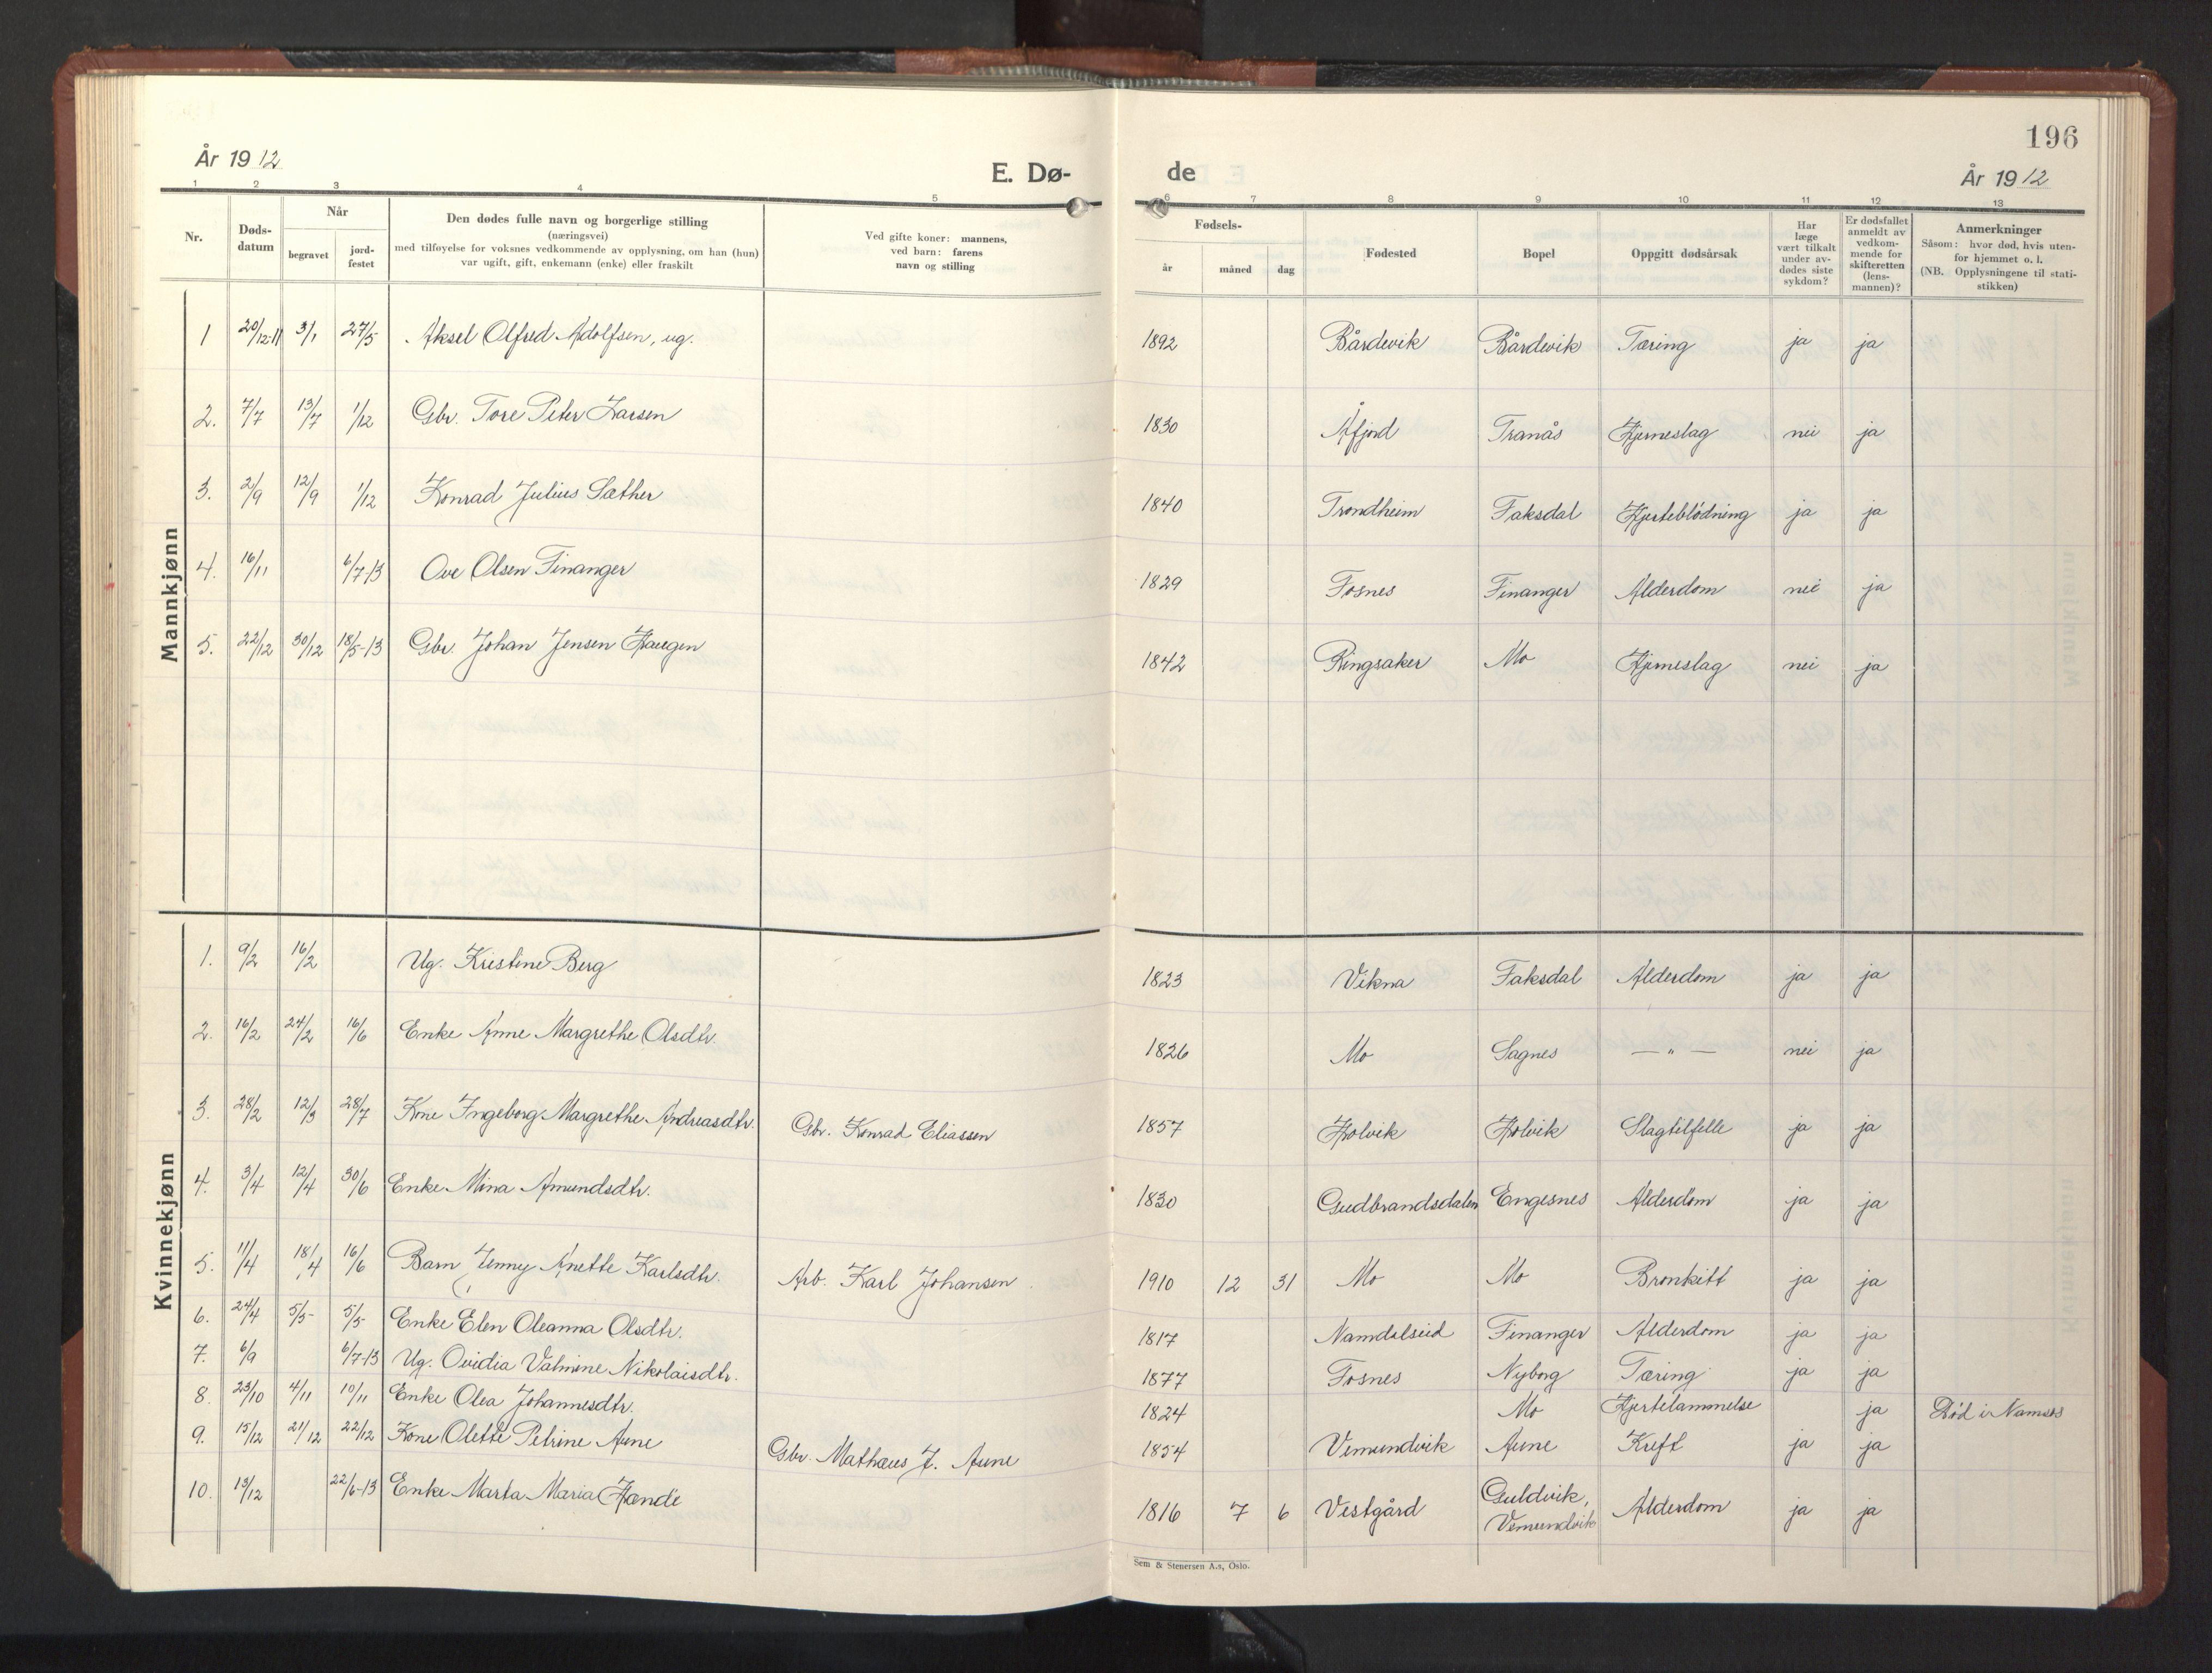 SAT, Ministerialprotokoller, klokkerbøker og fødselsregistre - Nord-Trøndelag, 773/L0625: Klokkerbok nr. 773C01, 1910-1952, s. 196